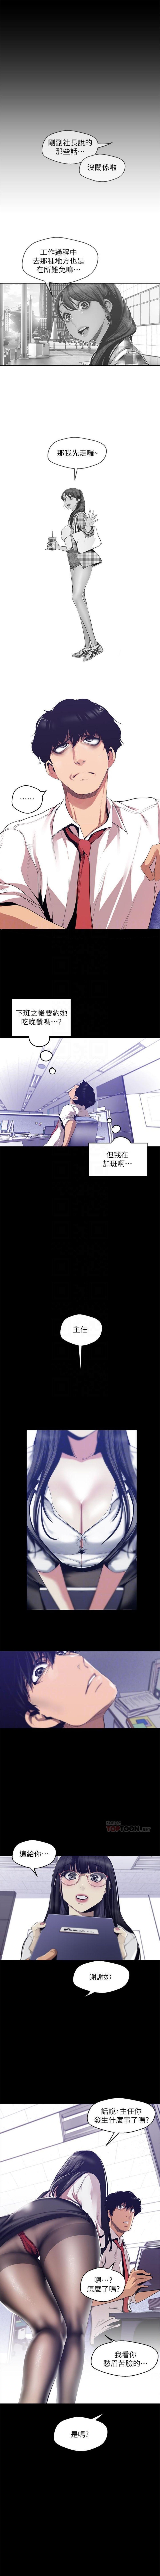 美麗新世界 1-85 官方中文(連載中) 702